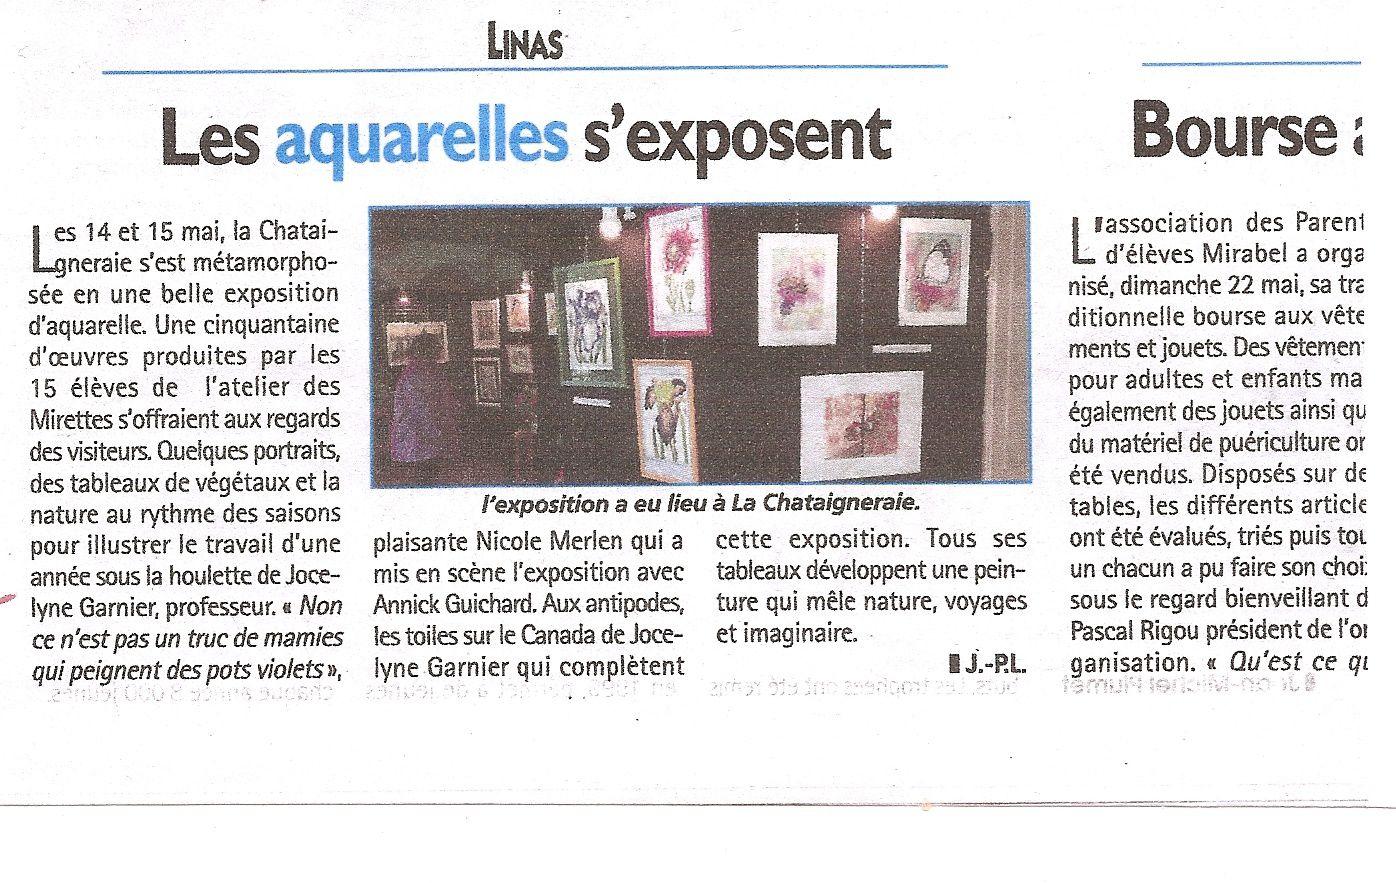 Exposition d'aquarelle des 14  et 15 Mai à Linas